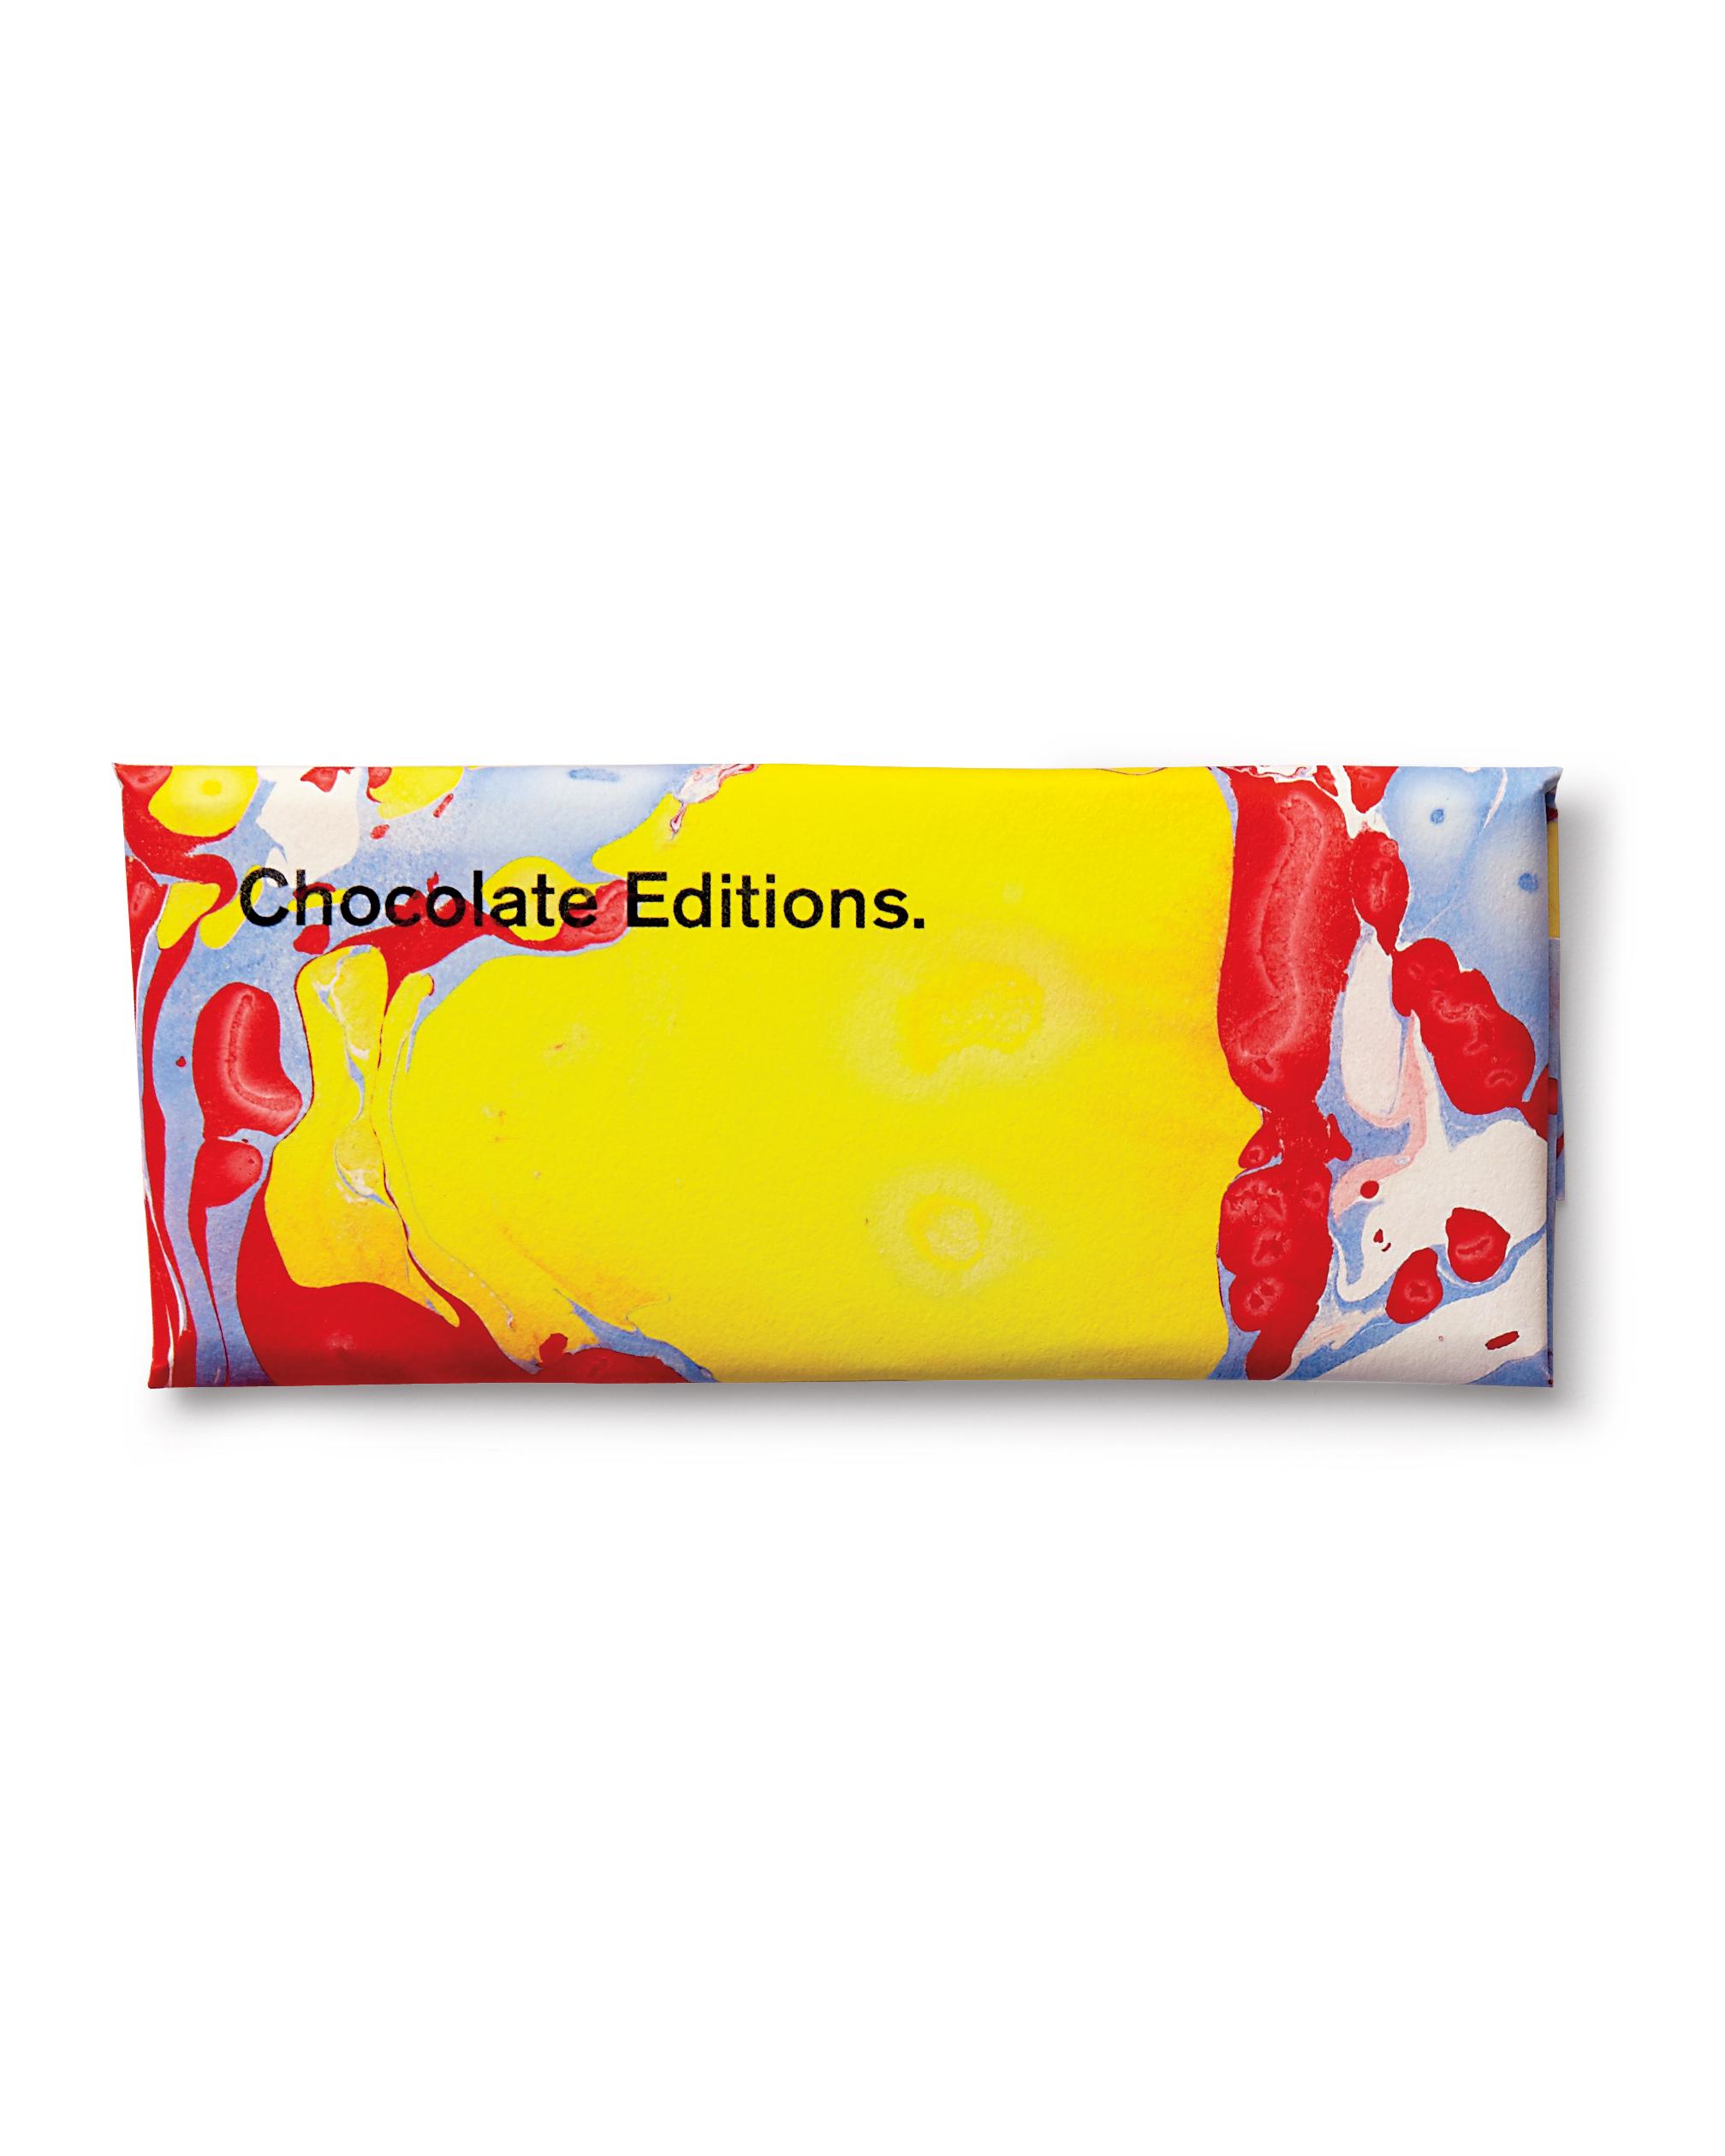 chocolate-035-mwd109642.jpg